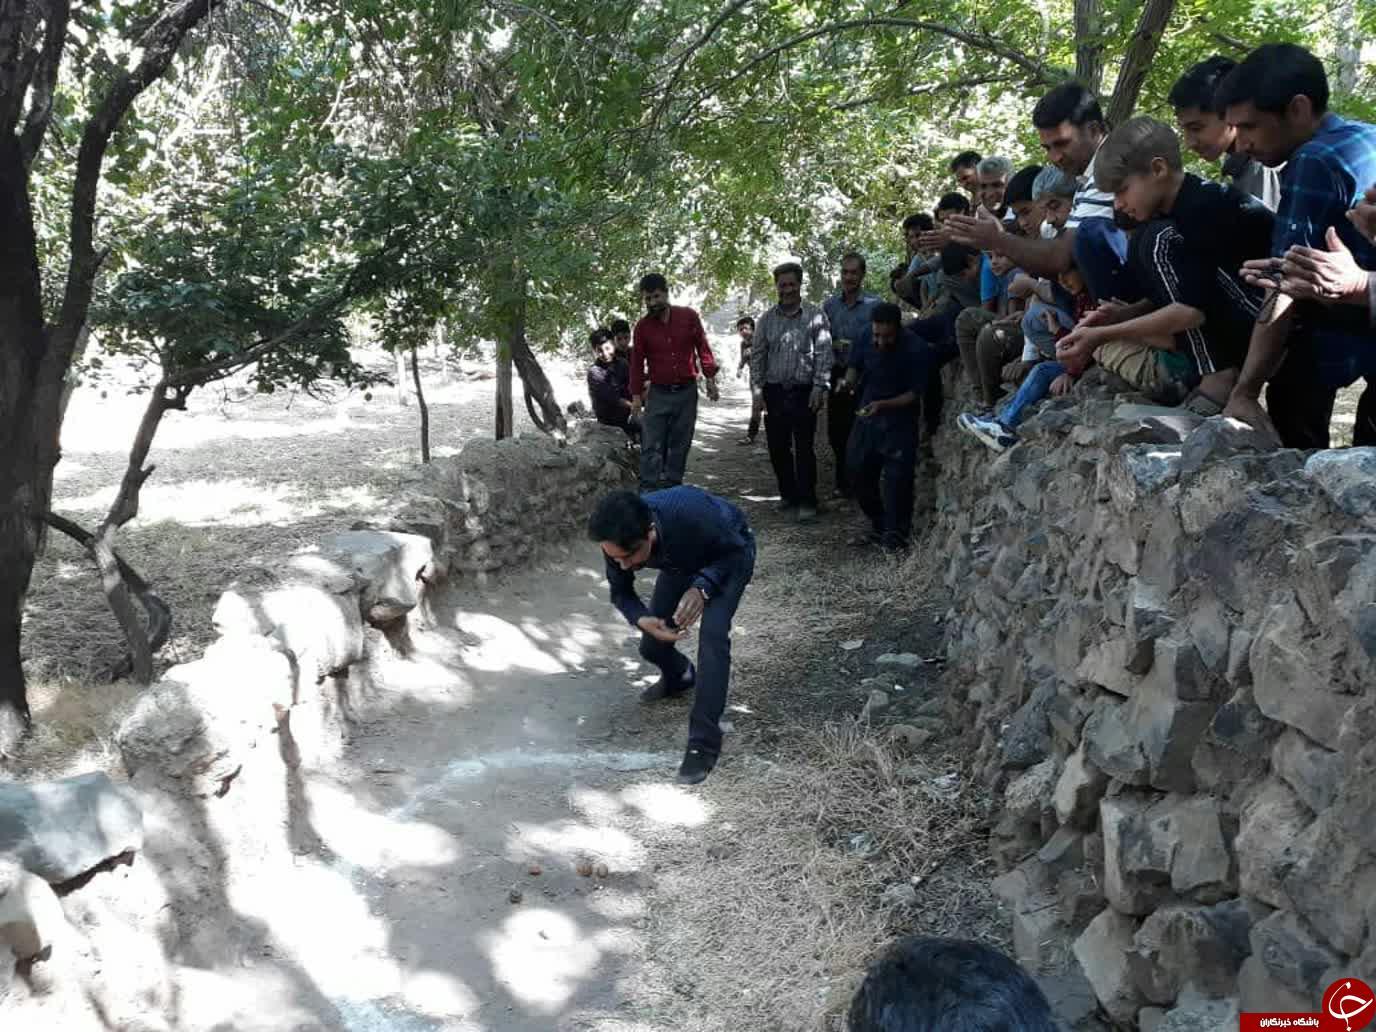 همایش کوهنوردان در روستای فیض آباد راور + تصاویر